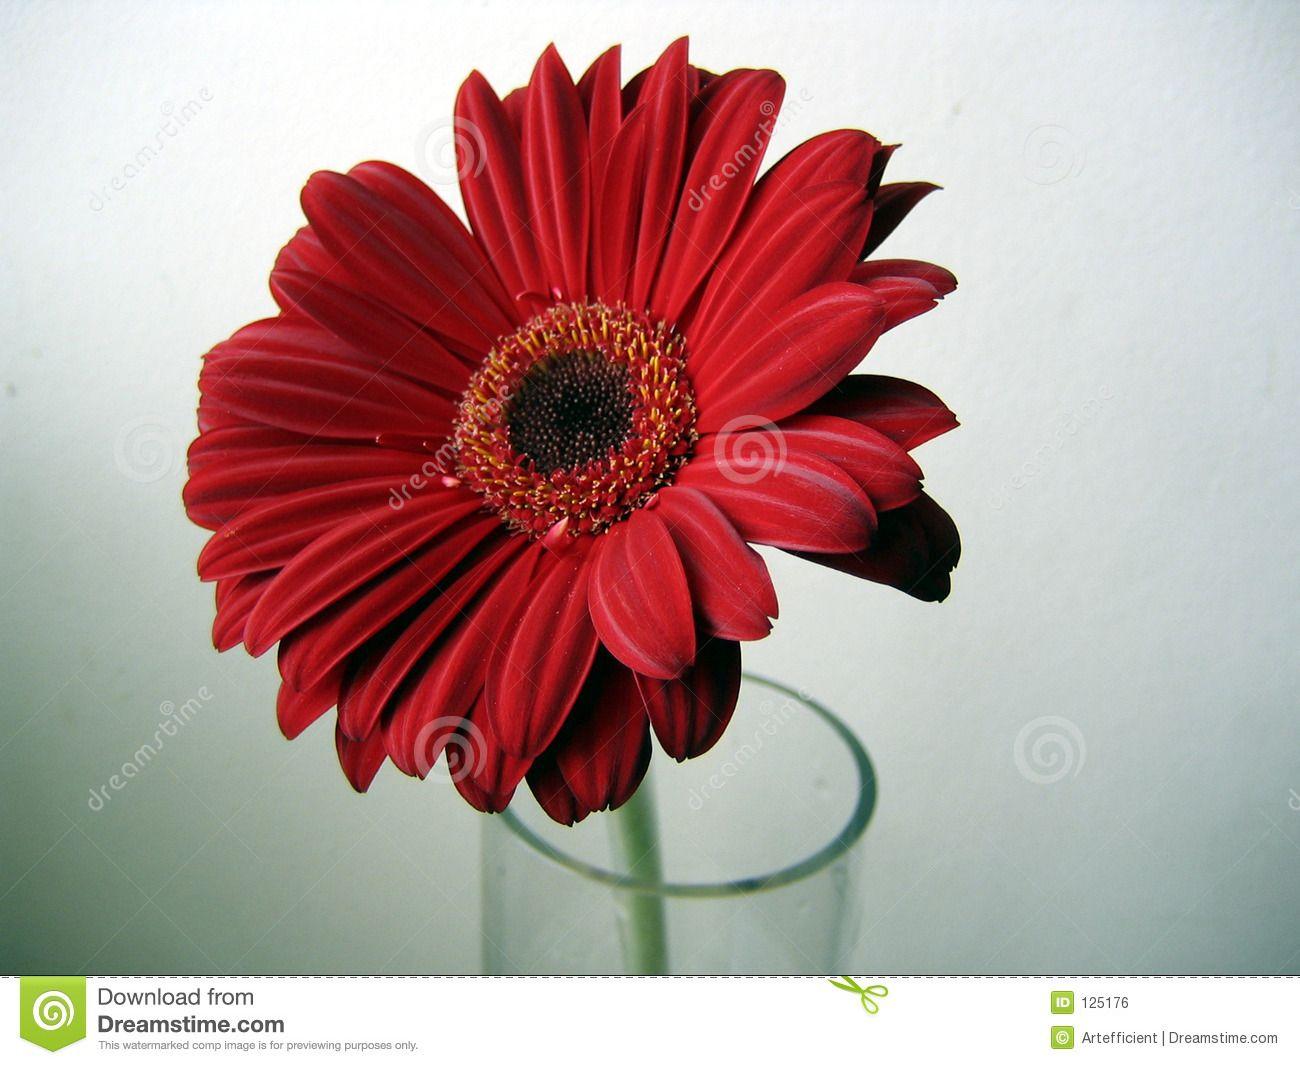 Deep Red Gerbera Flower Close Up On Green Background Royalty Free Flower Close Up Gerbera Flower Green Backgrounds